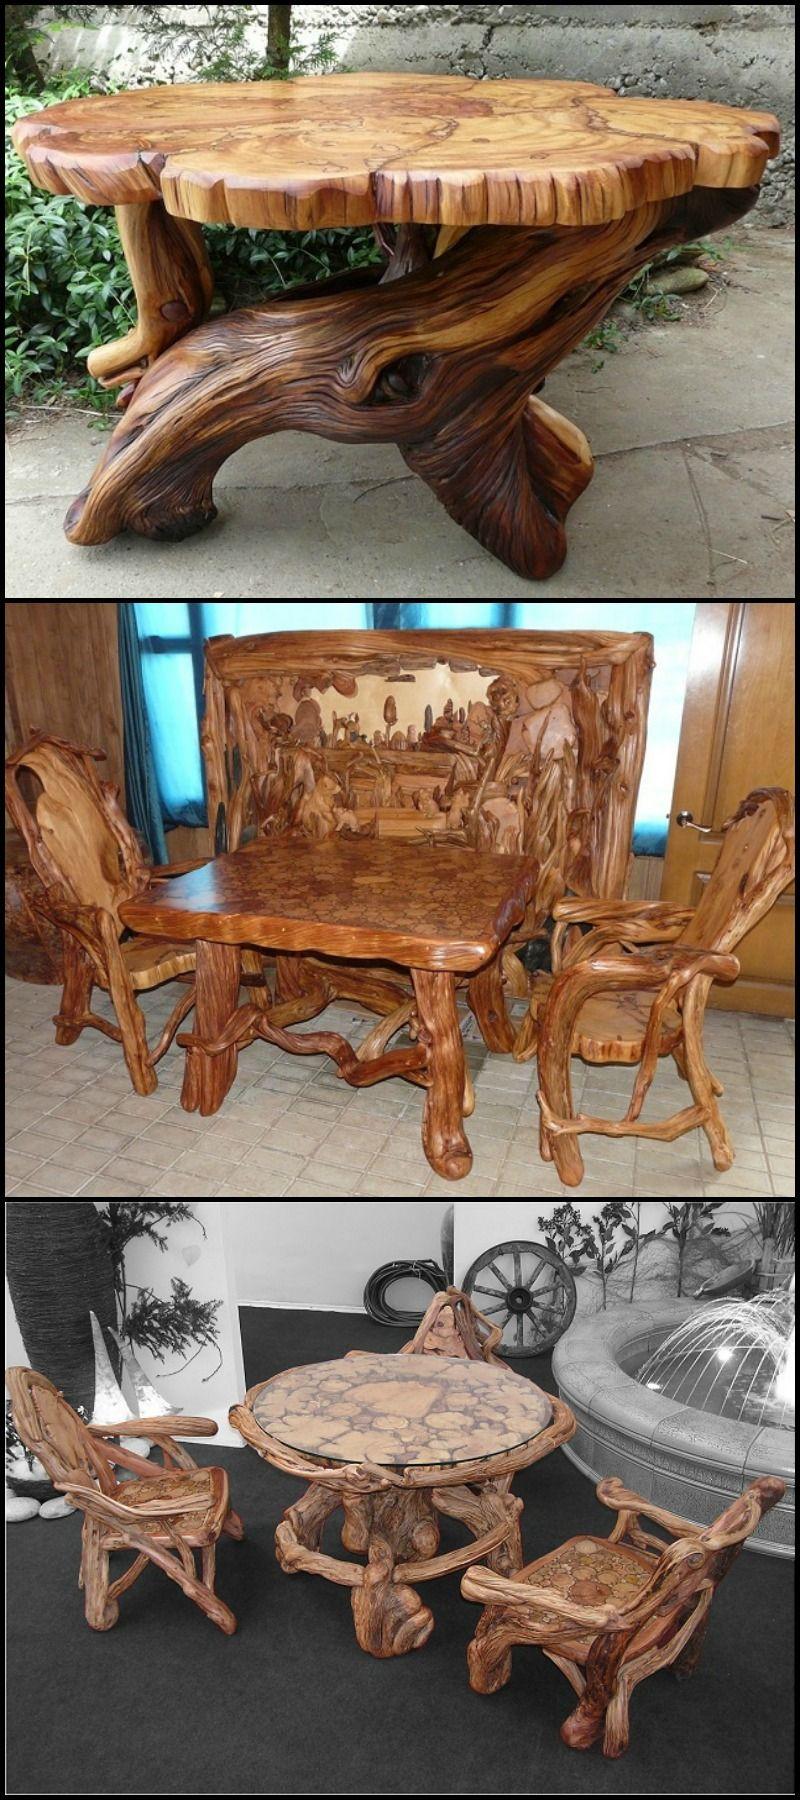 Unique Rustic Furniture | * Diy Wood craft * in 2019 | Wood ...